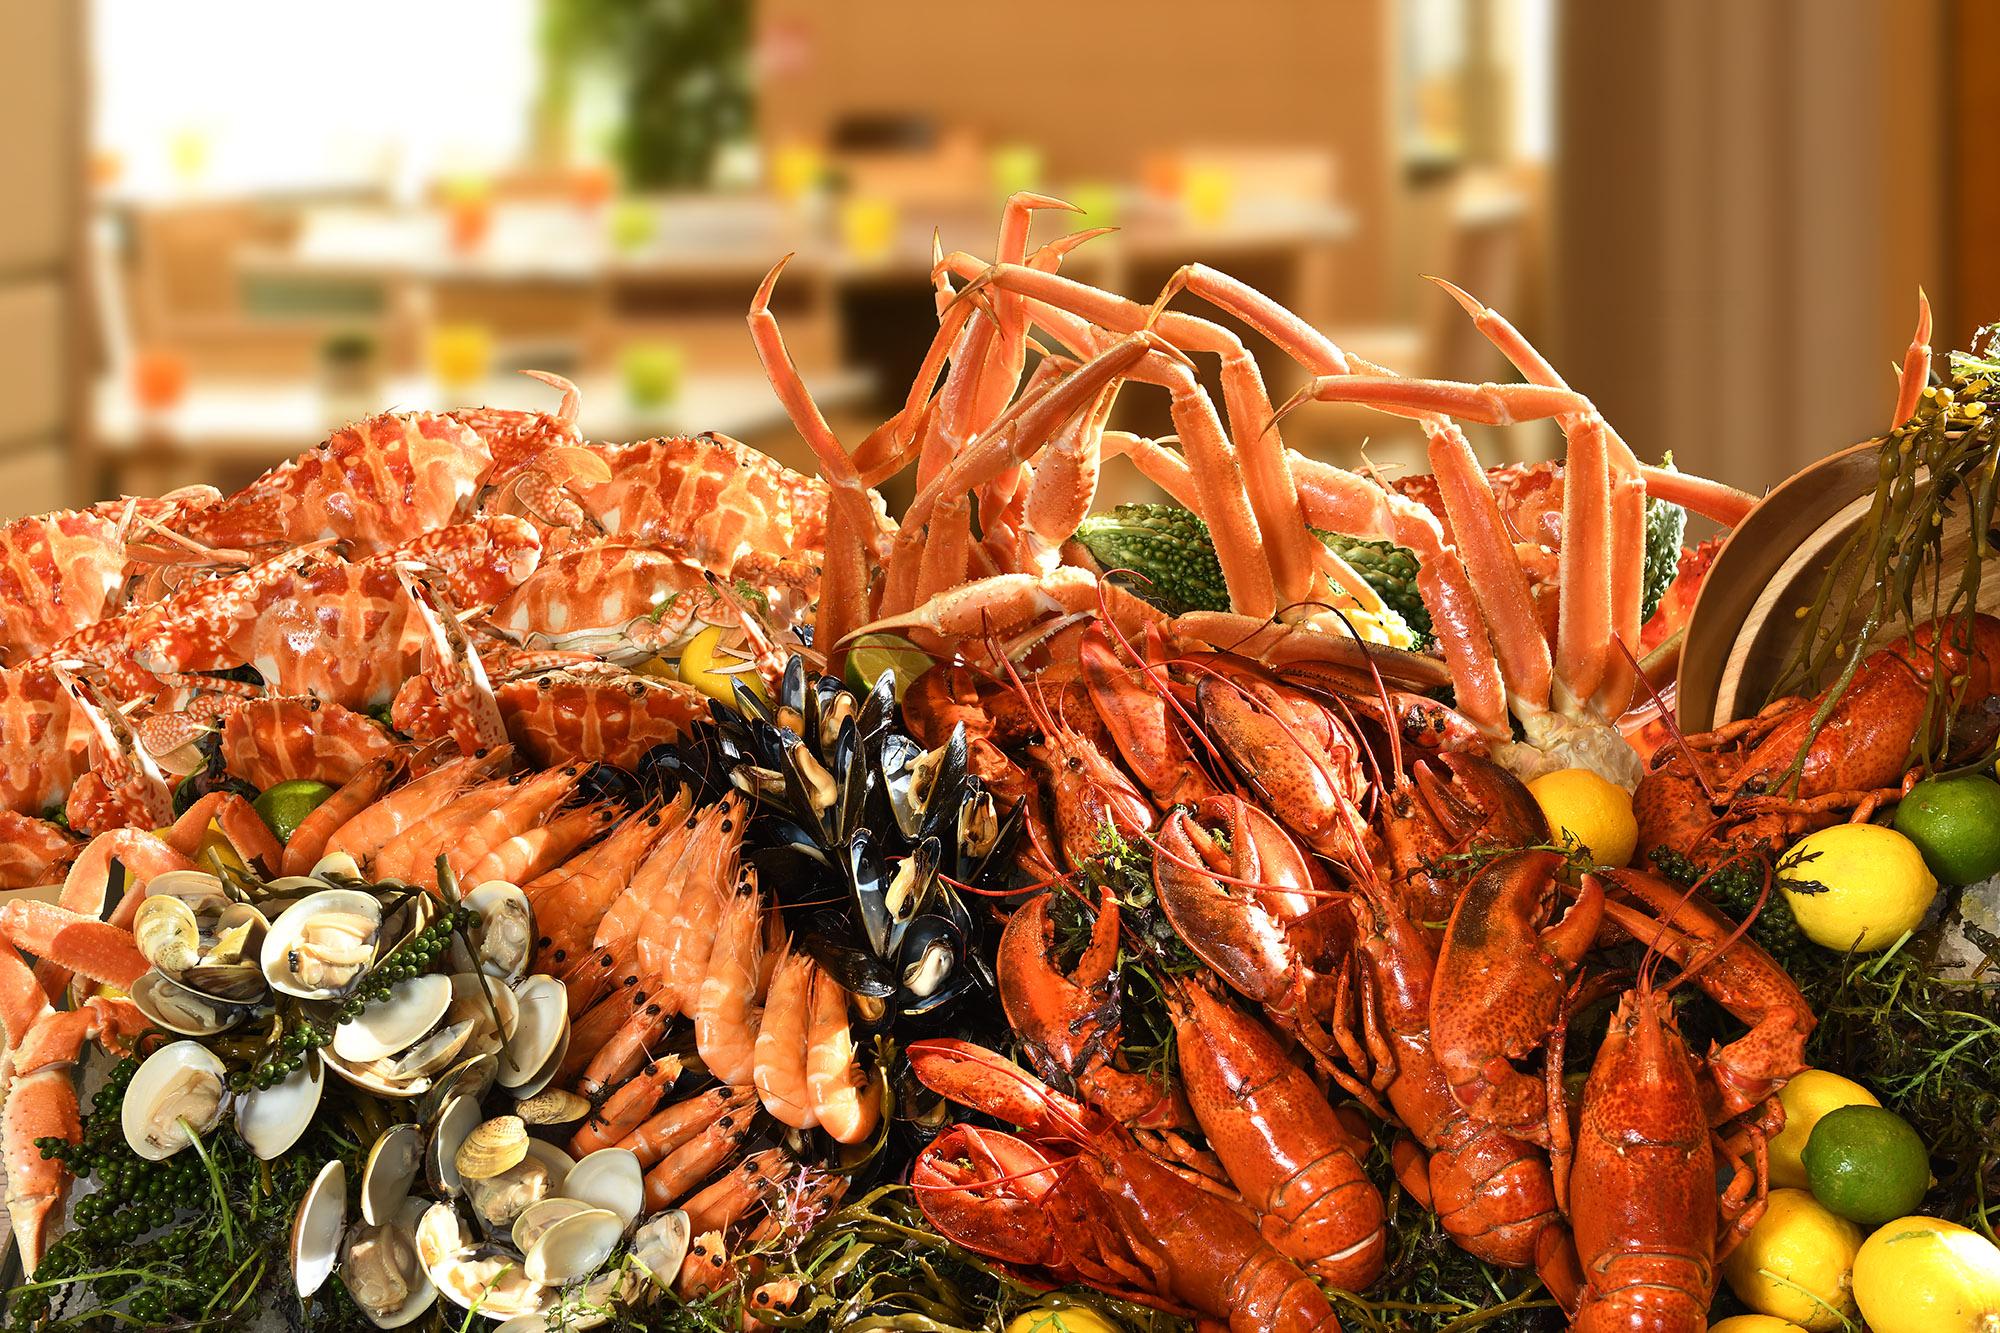 薈景海鮮自助晚餐波士頓龍蝦、雪場蟹腳、青口